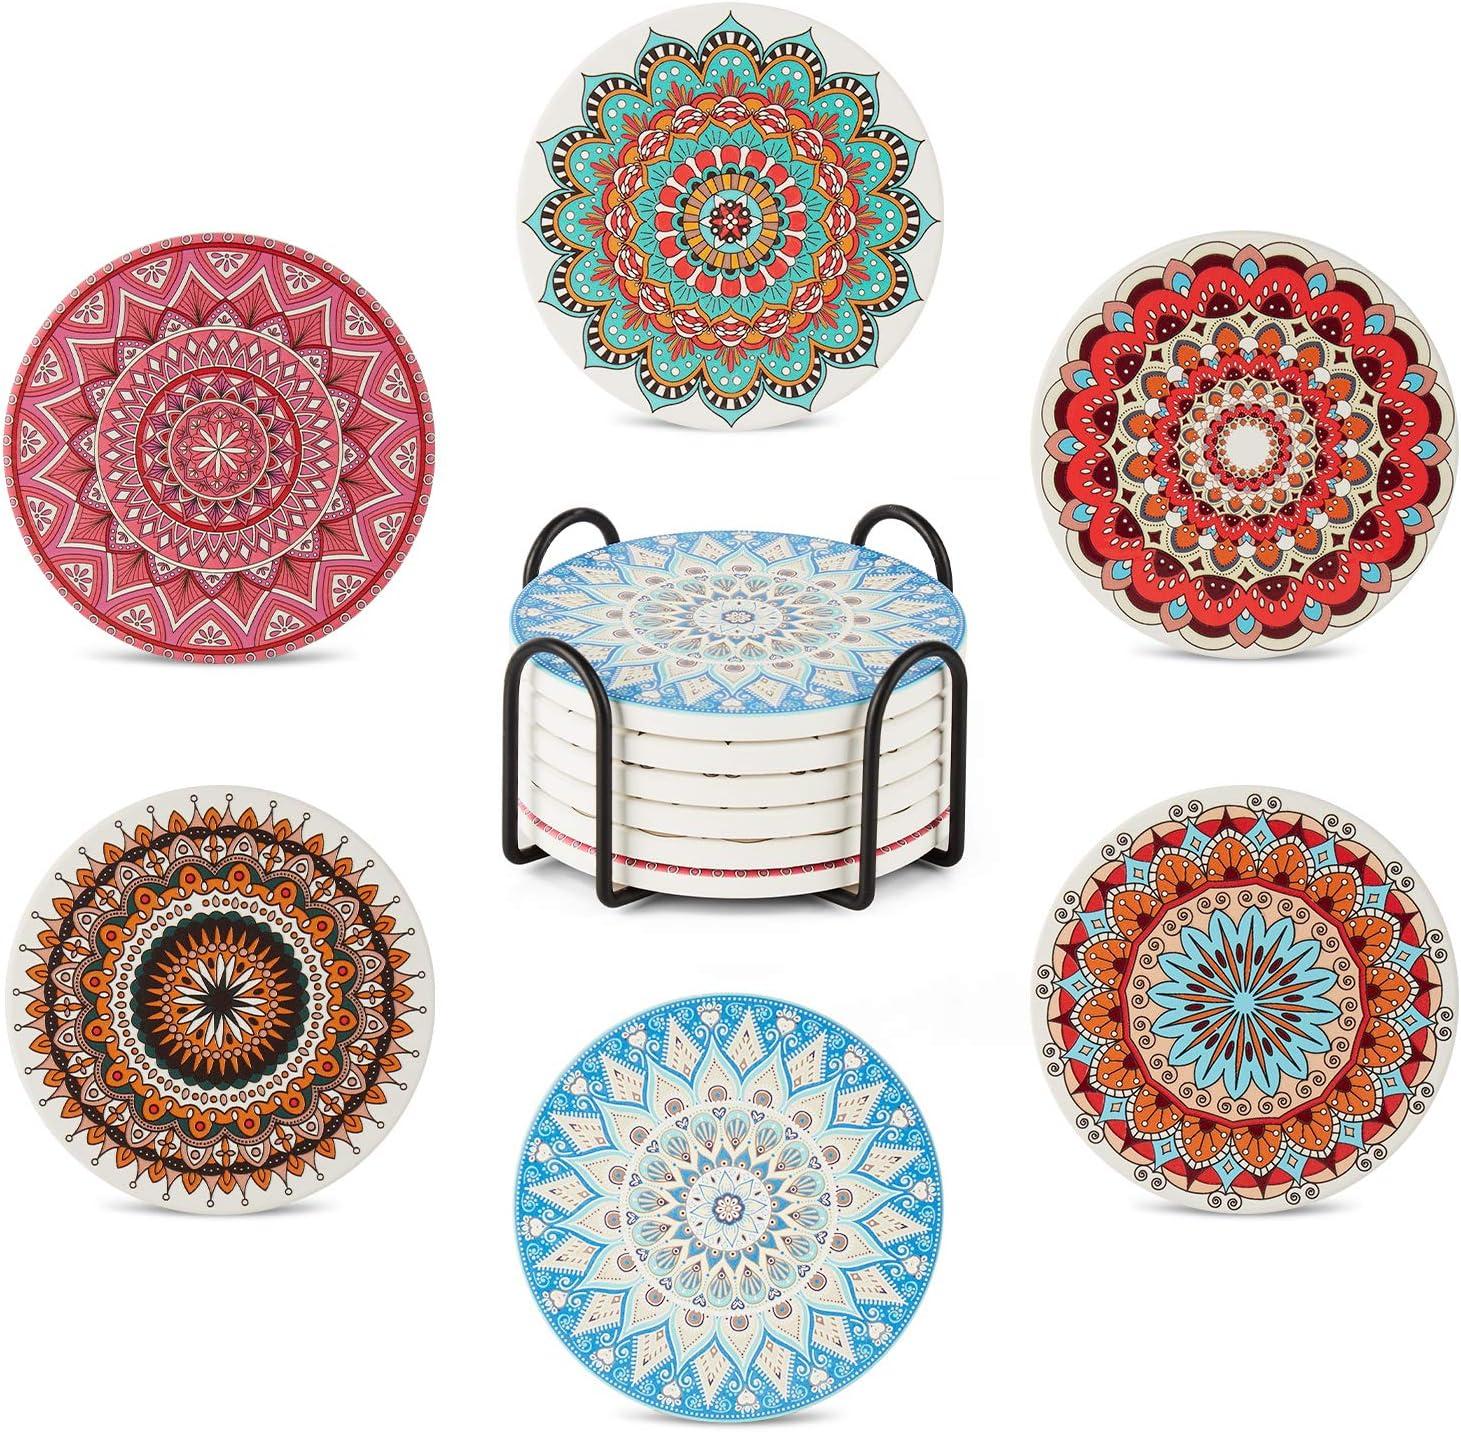 Enindel 3033.02 Absorbent Ceramic Coaster, Cork Base, Mandala Style, with Coaster Holder, Set of 6 Coasters